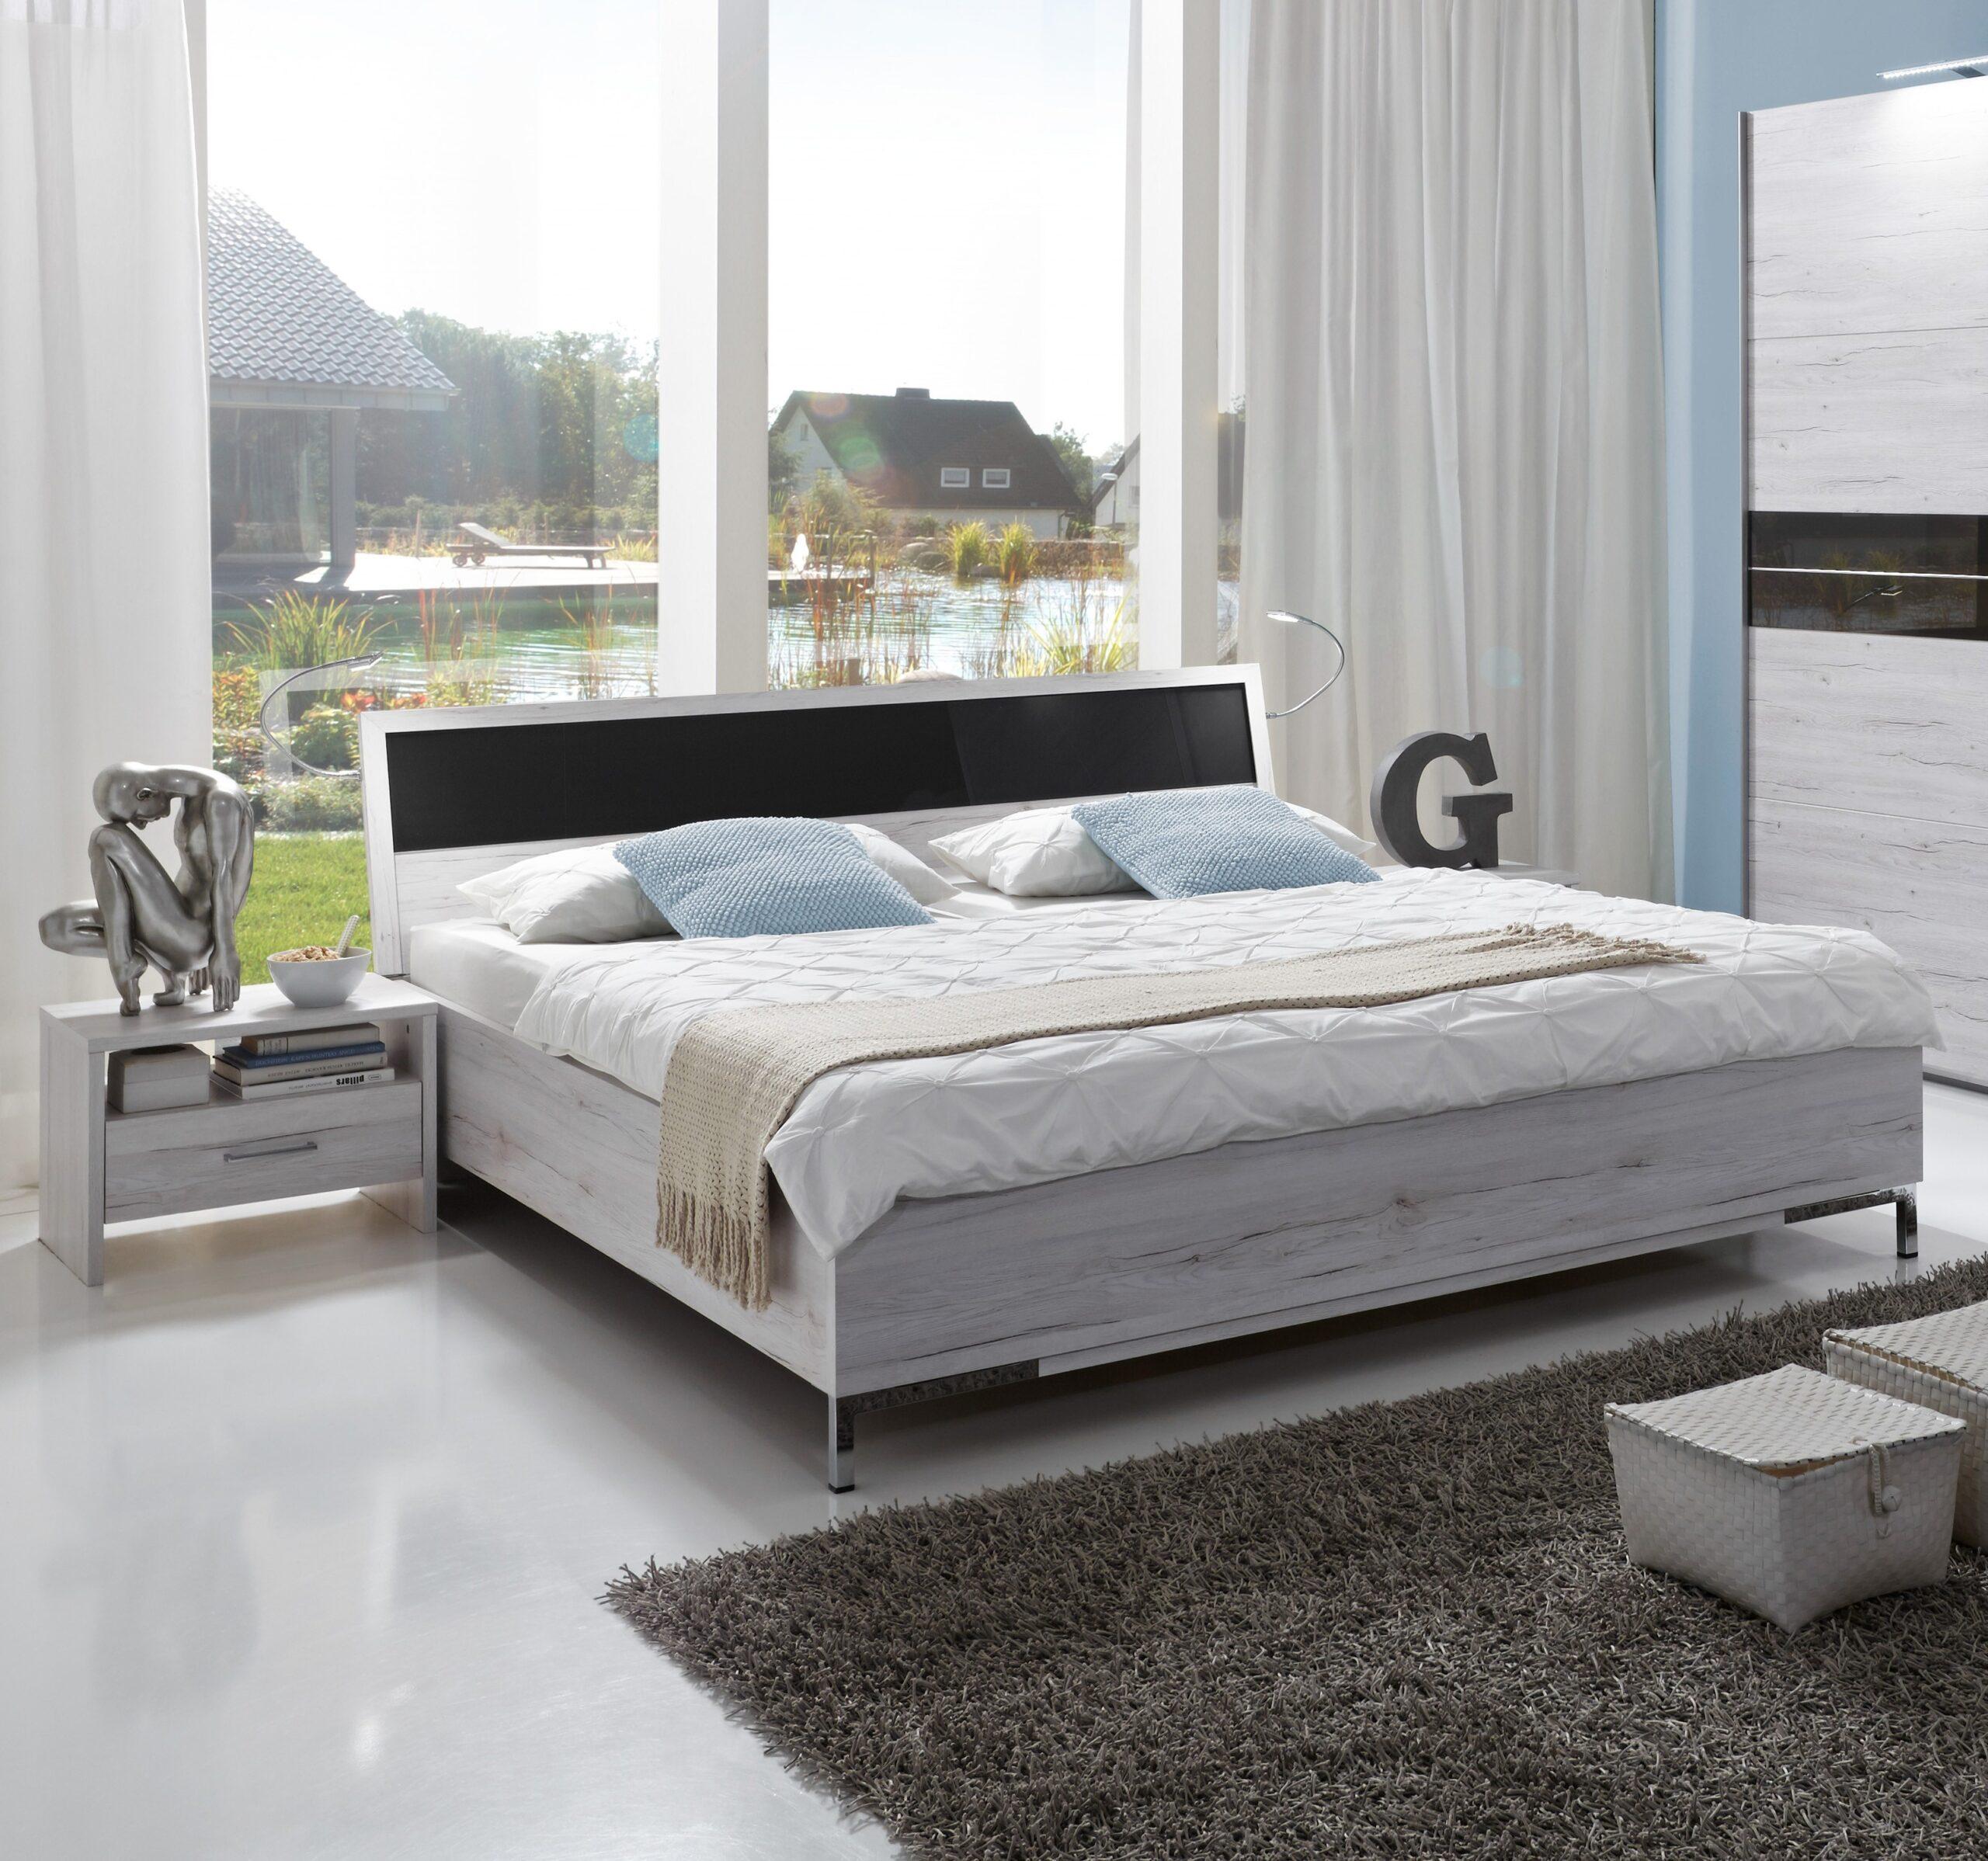 Full Size of Schlafzimmer Komplett 160x200 Bett Set Futonbett 2 Nachtkommoden Acapulco 160 200 Landhausstil Weiß Kopfteile Für Betten Aus Holz Bock Kopfteil Barock Wohnzimmer Schlafzimmer Komplett 160x200 Bett